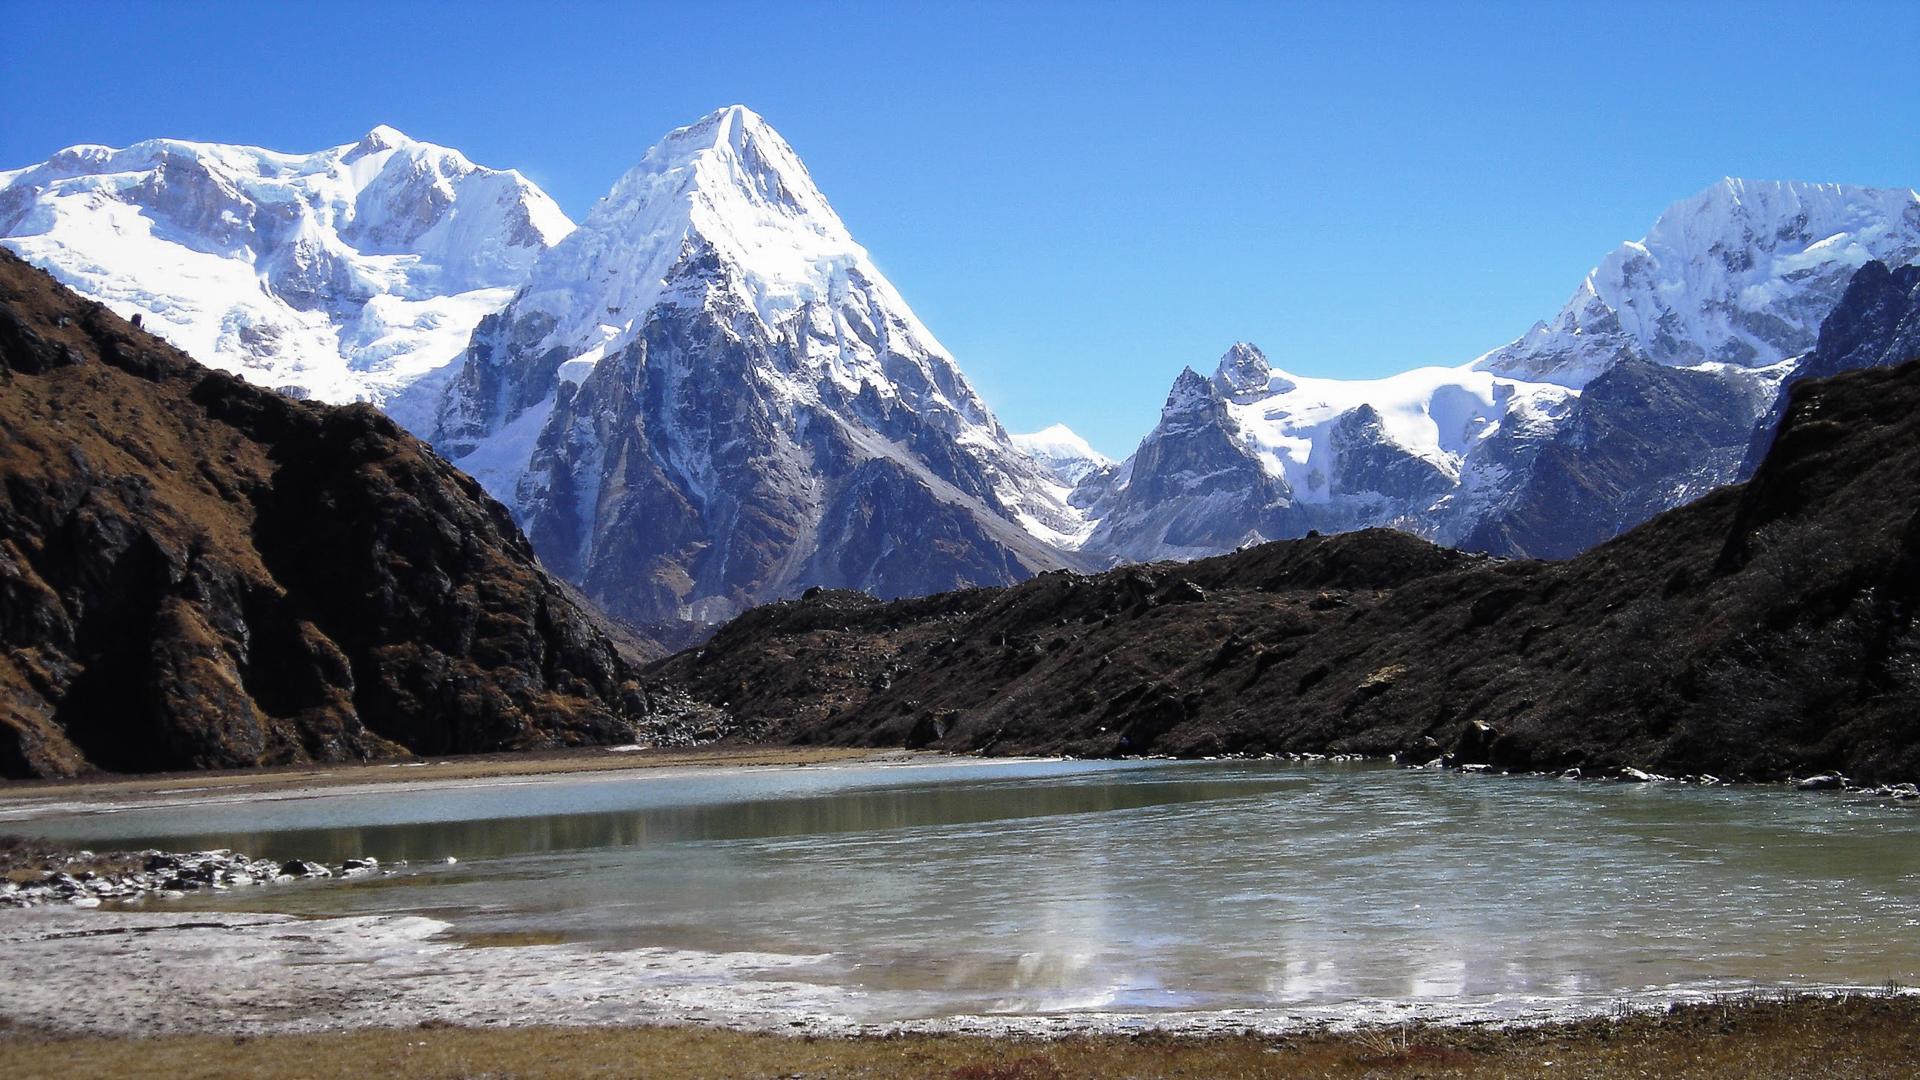 Fantastique paysage sur le trek du Kanchenjunga